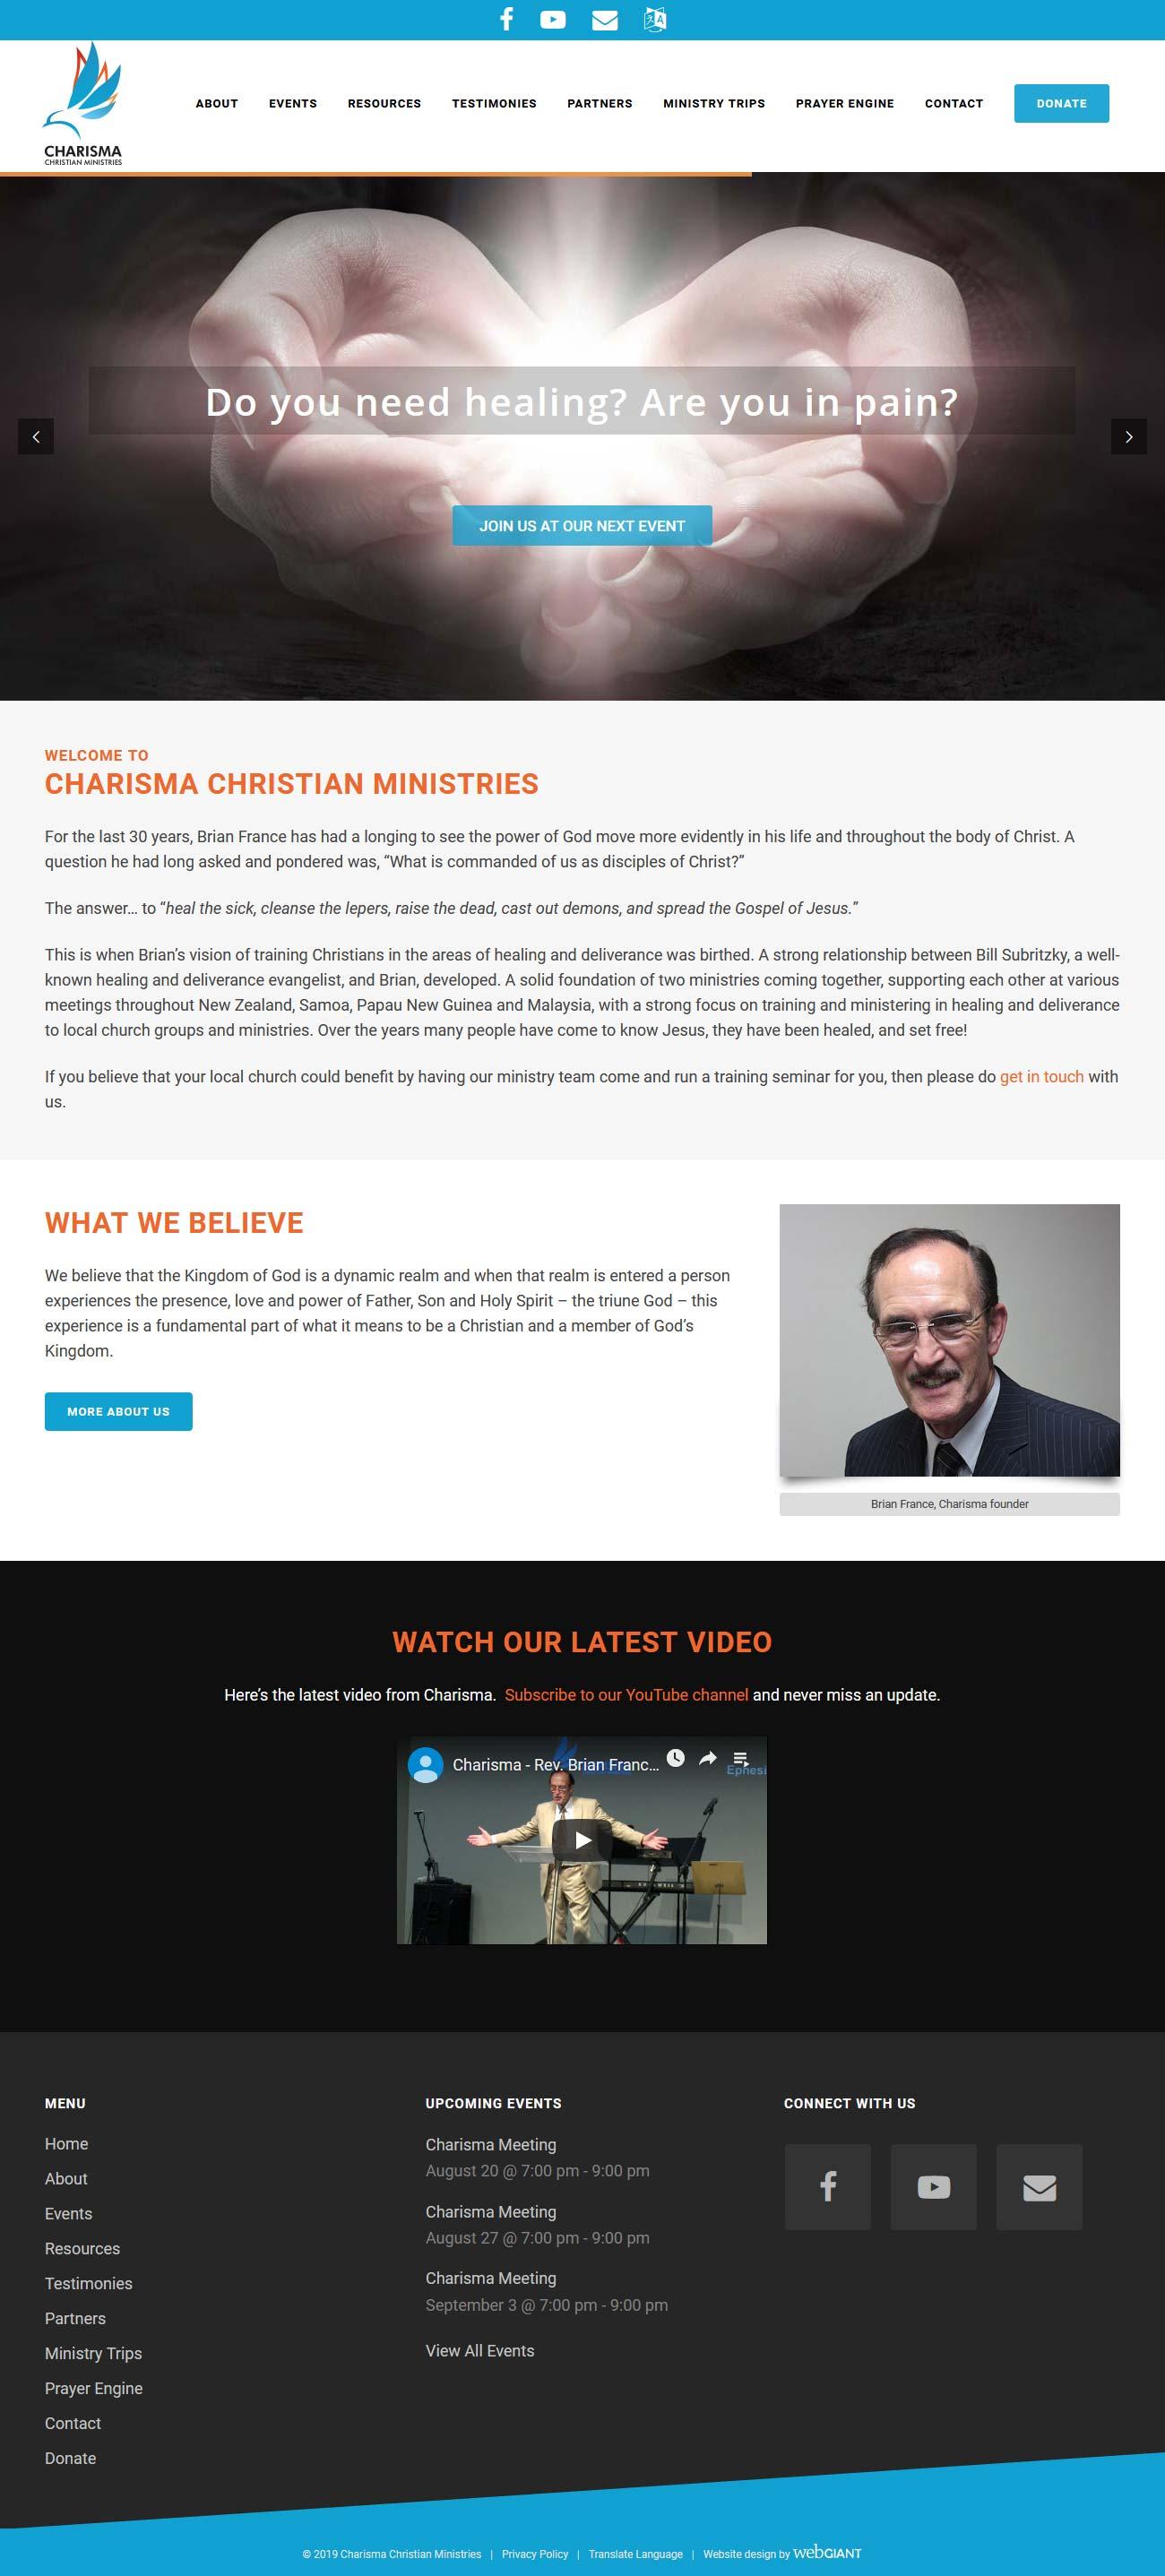 Website design for Charisma